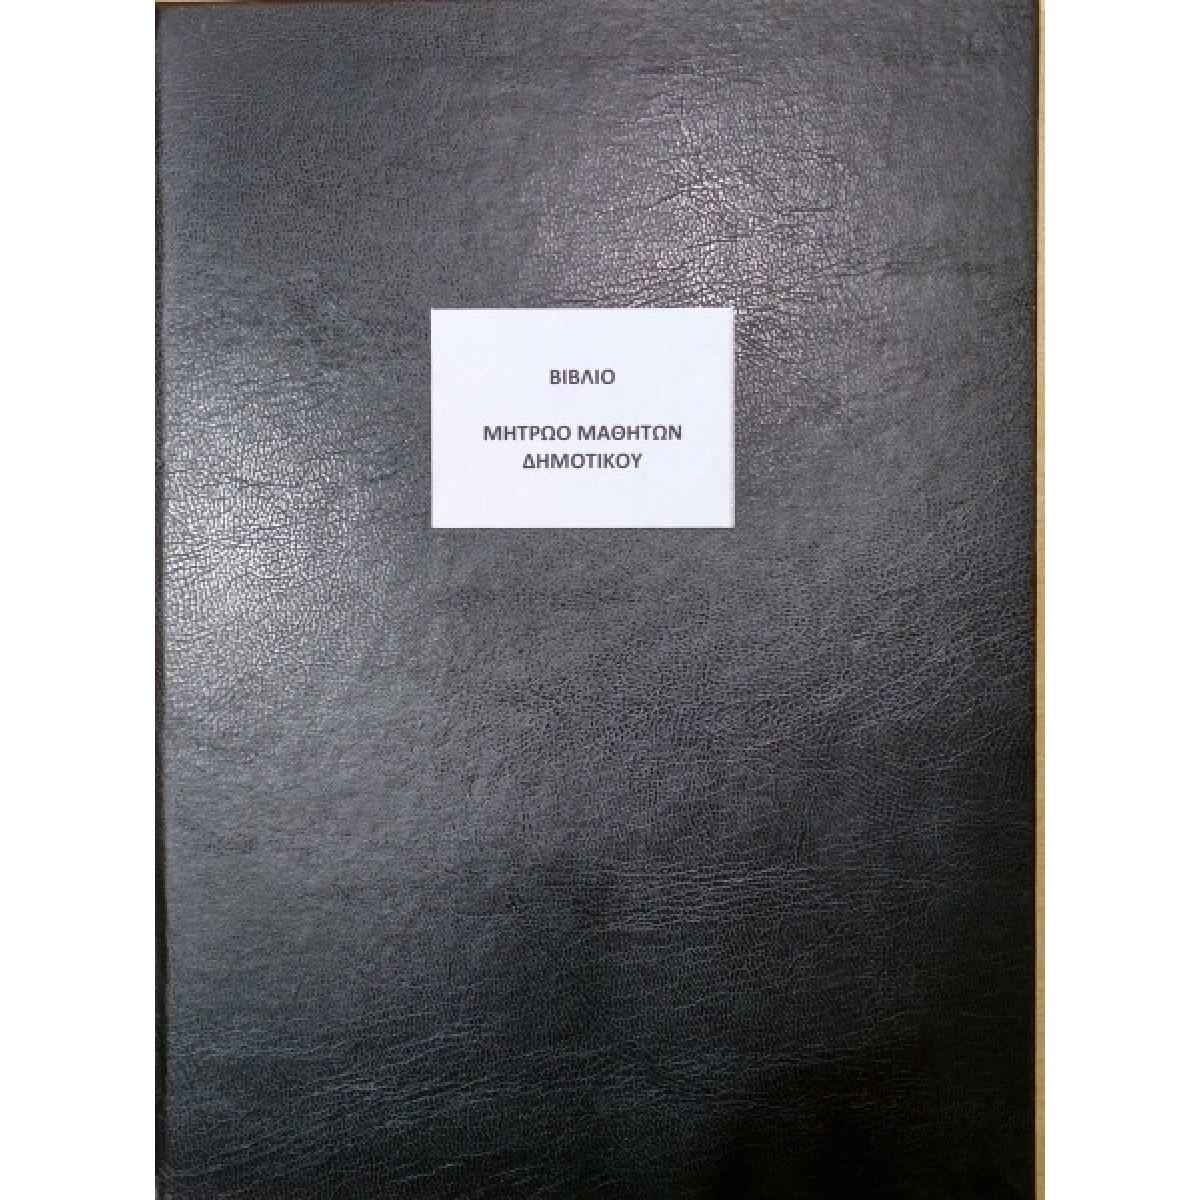 Βιβλίο Μητρώου Μαθητών Δημοτικού (2 Μεγ.)